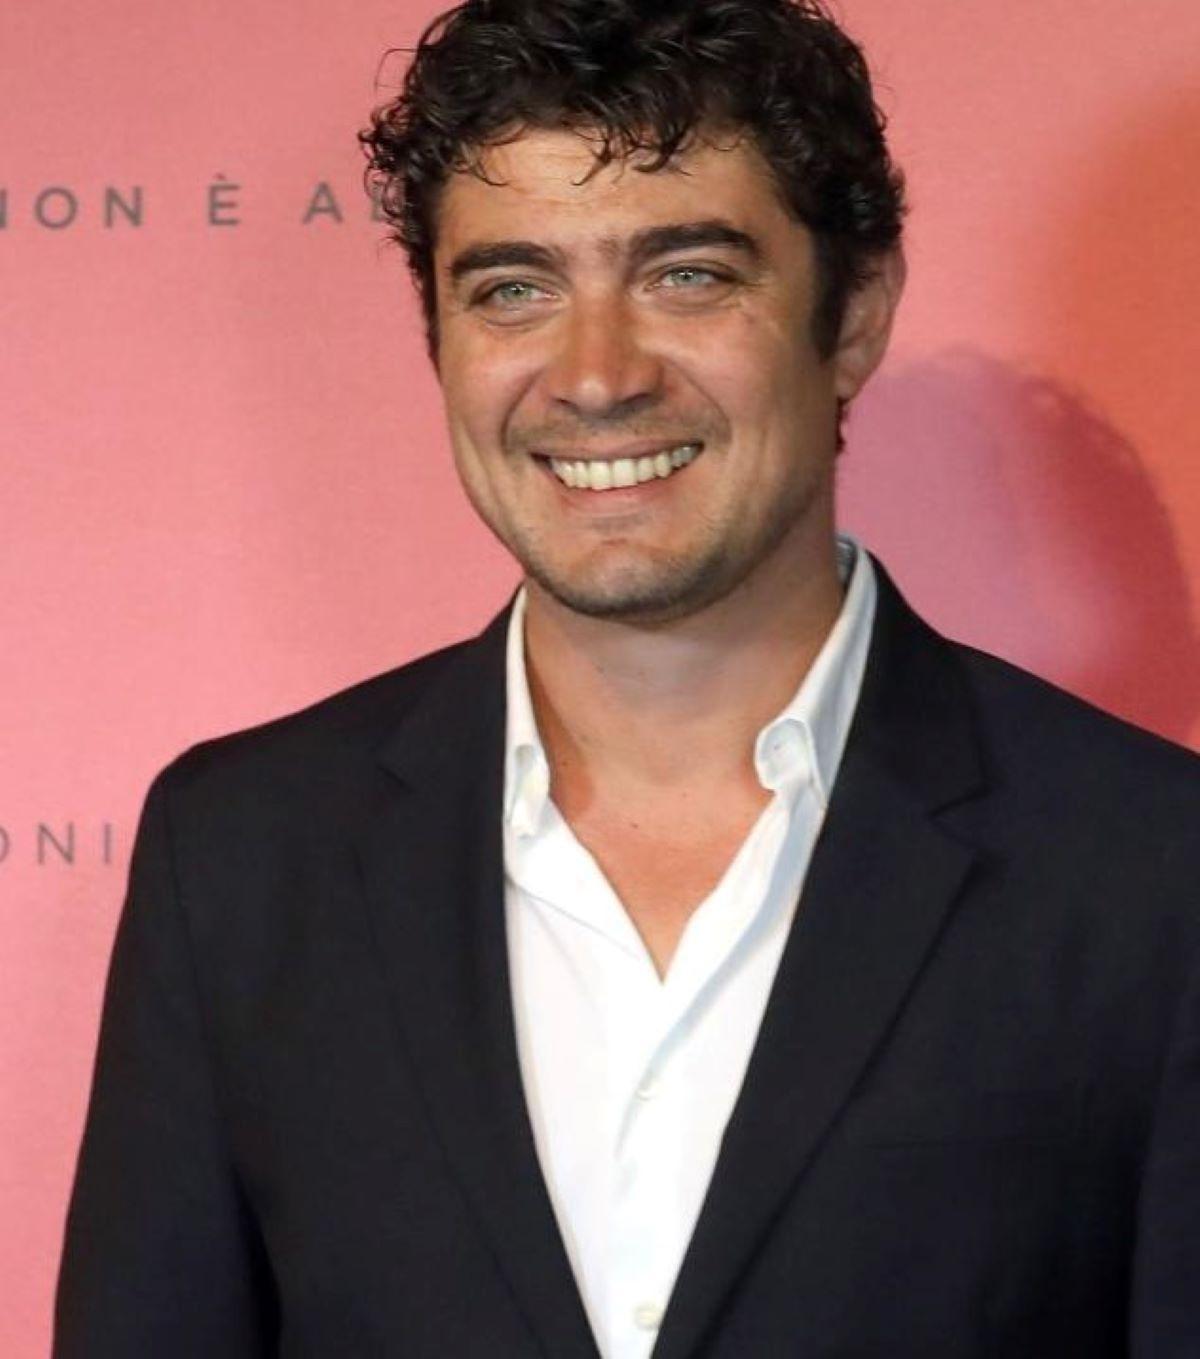 Riccardo Scamarcio Nuova Fidanzata Attrice Benedetta Porcaroli